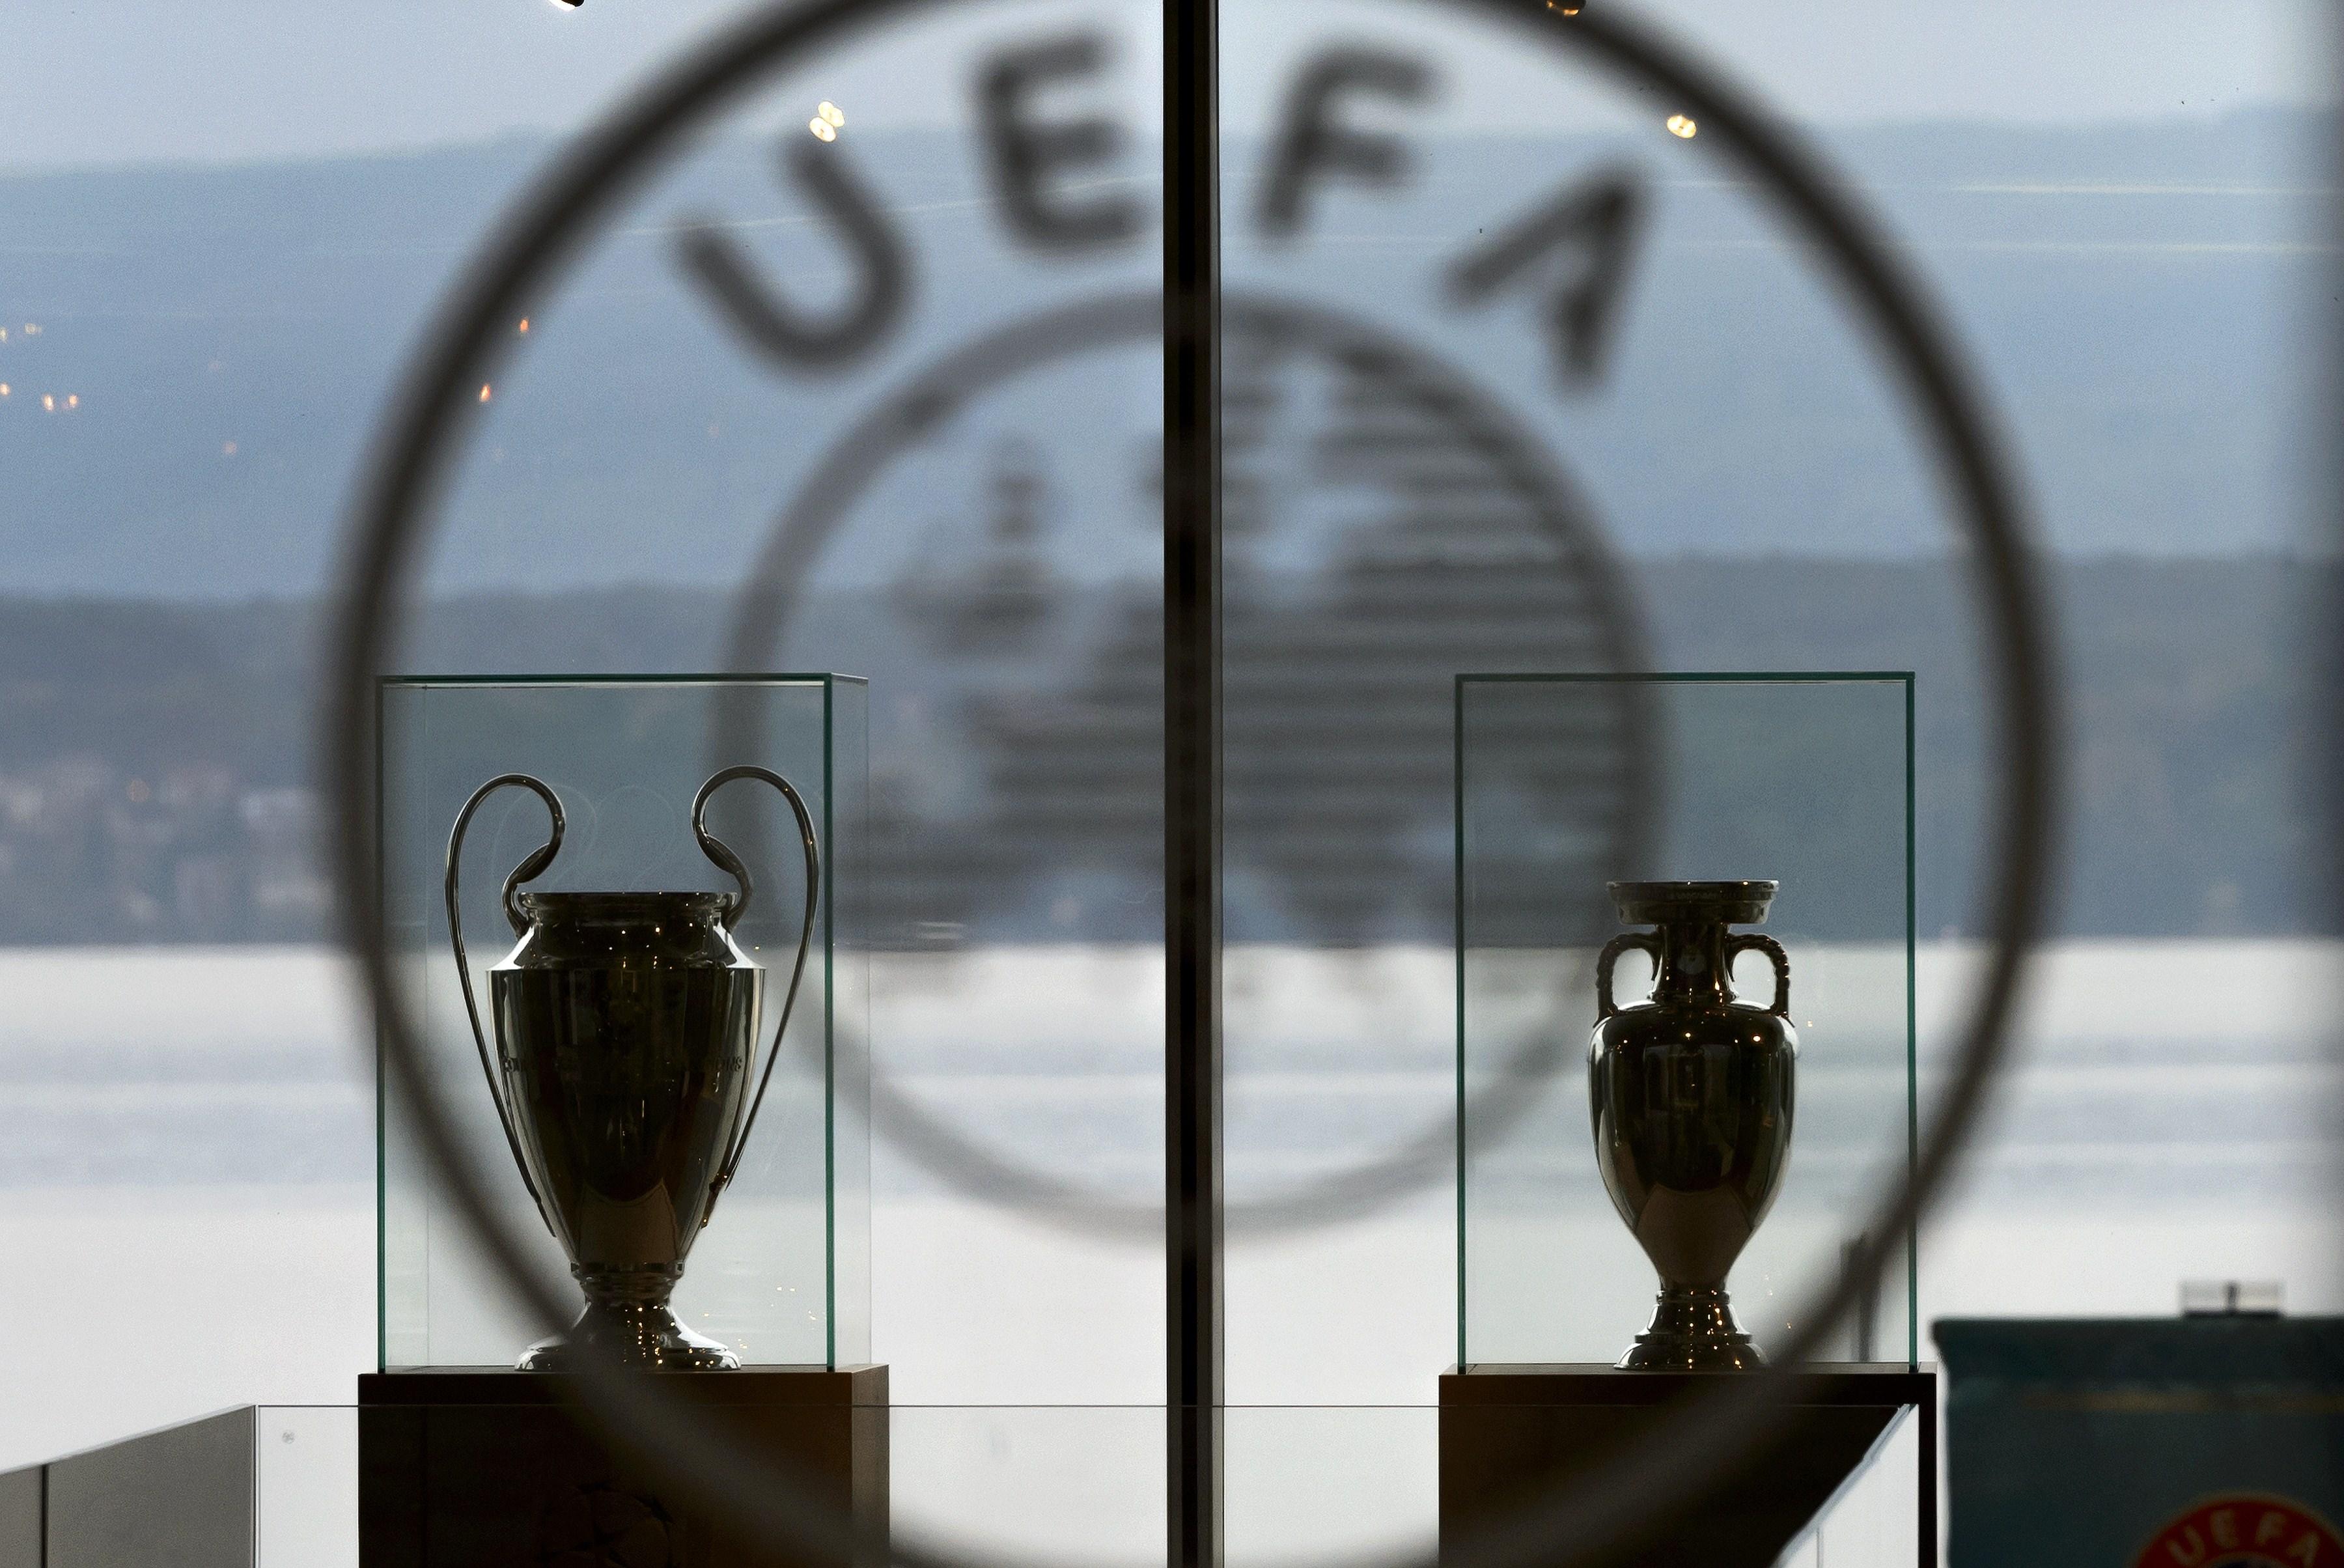 FBL-EUR-C1-C3-UEFA